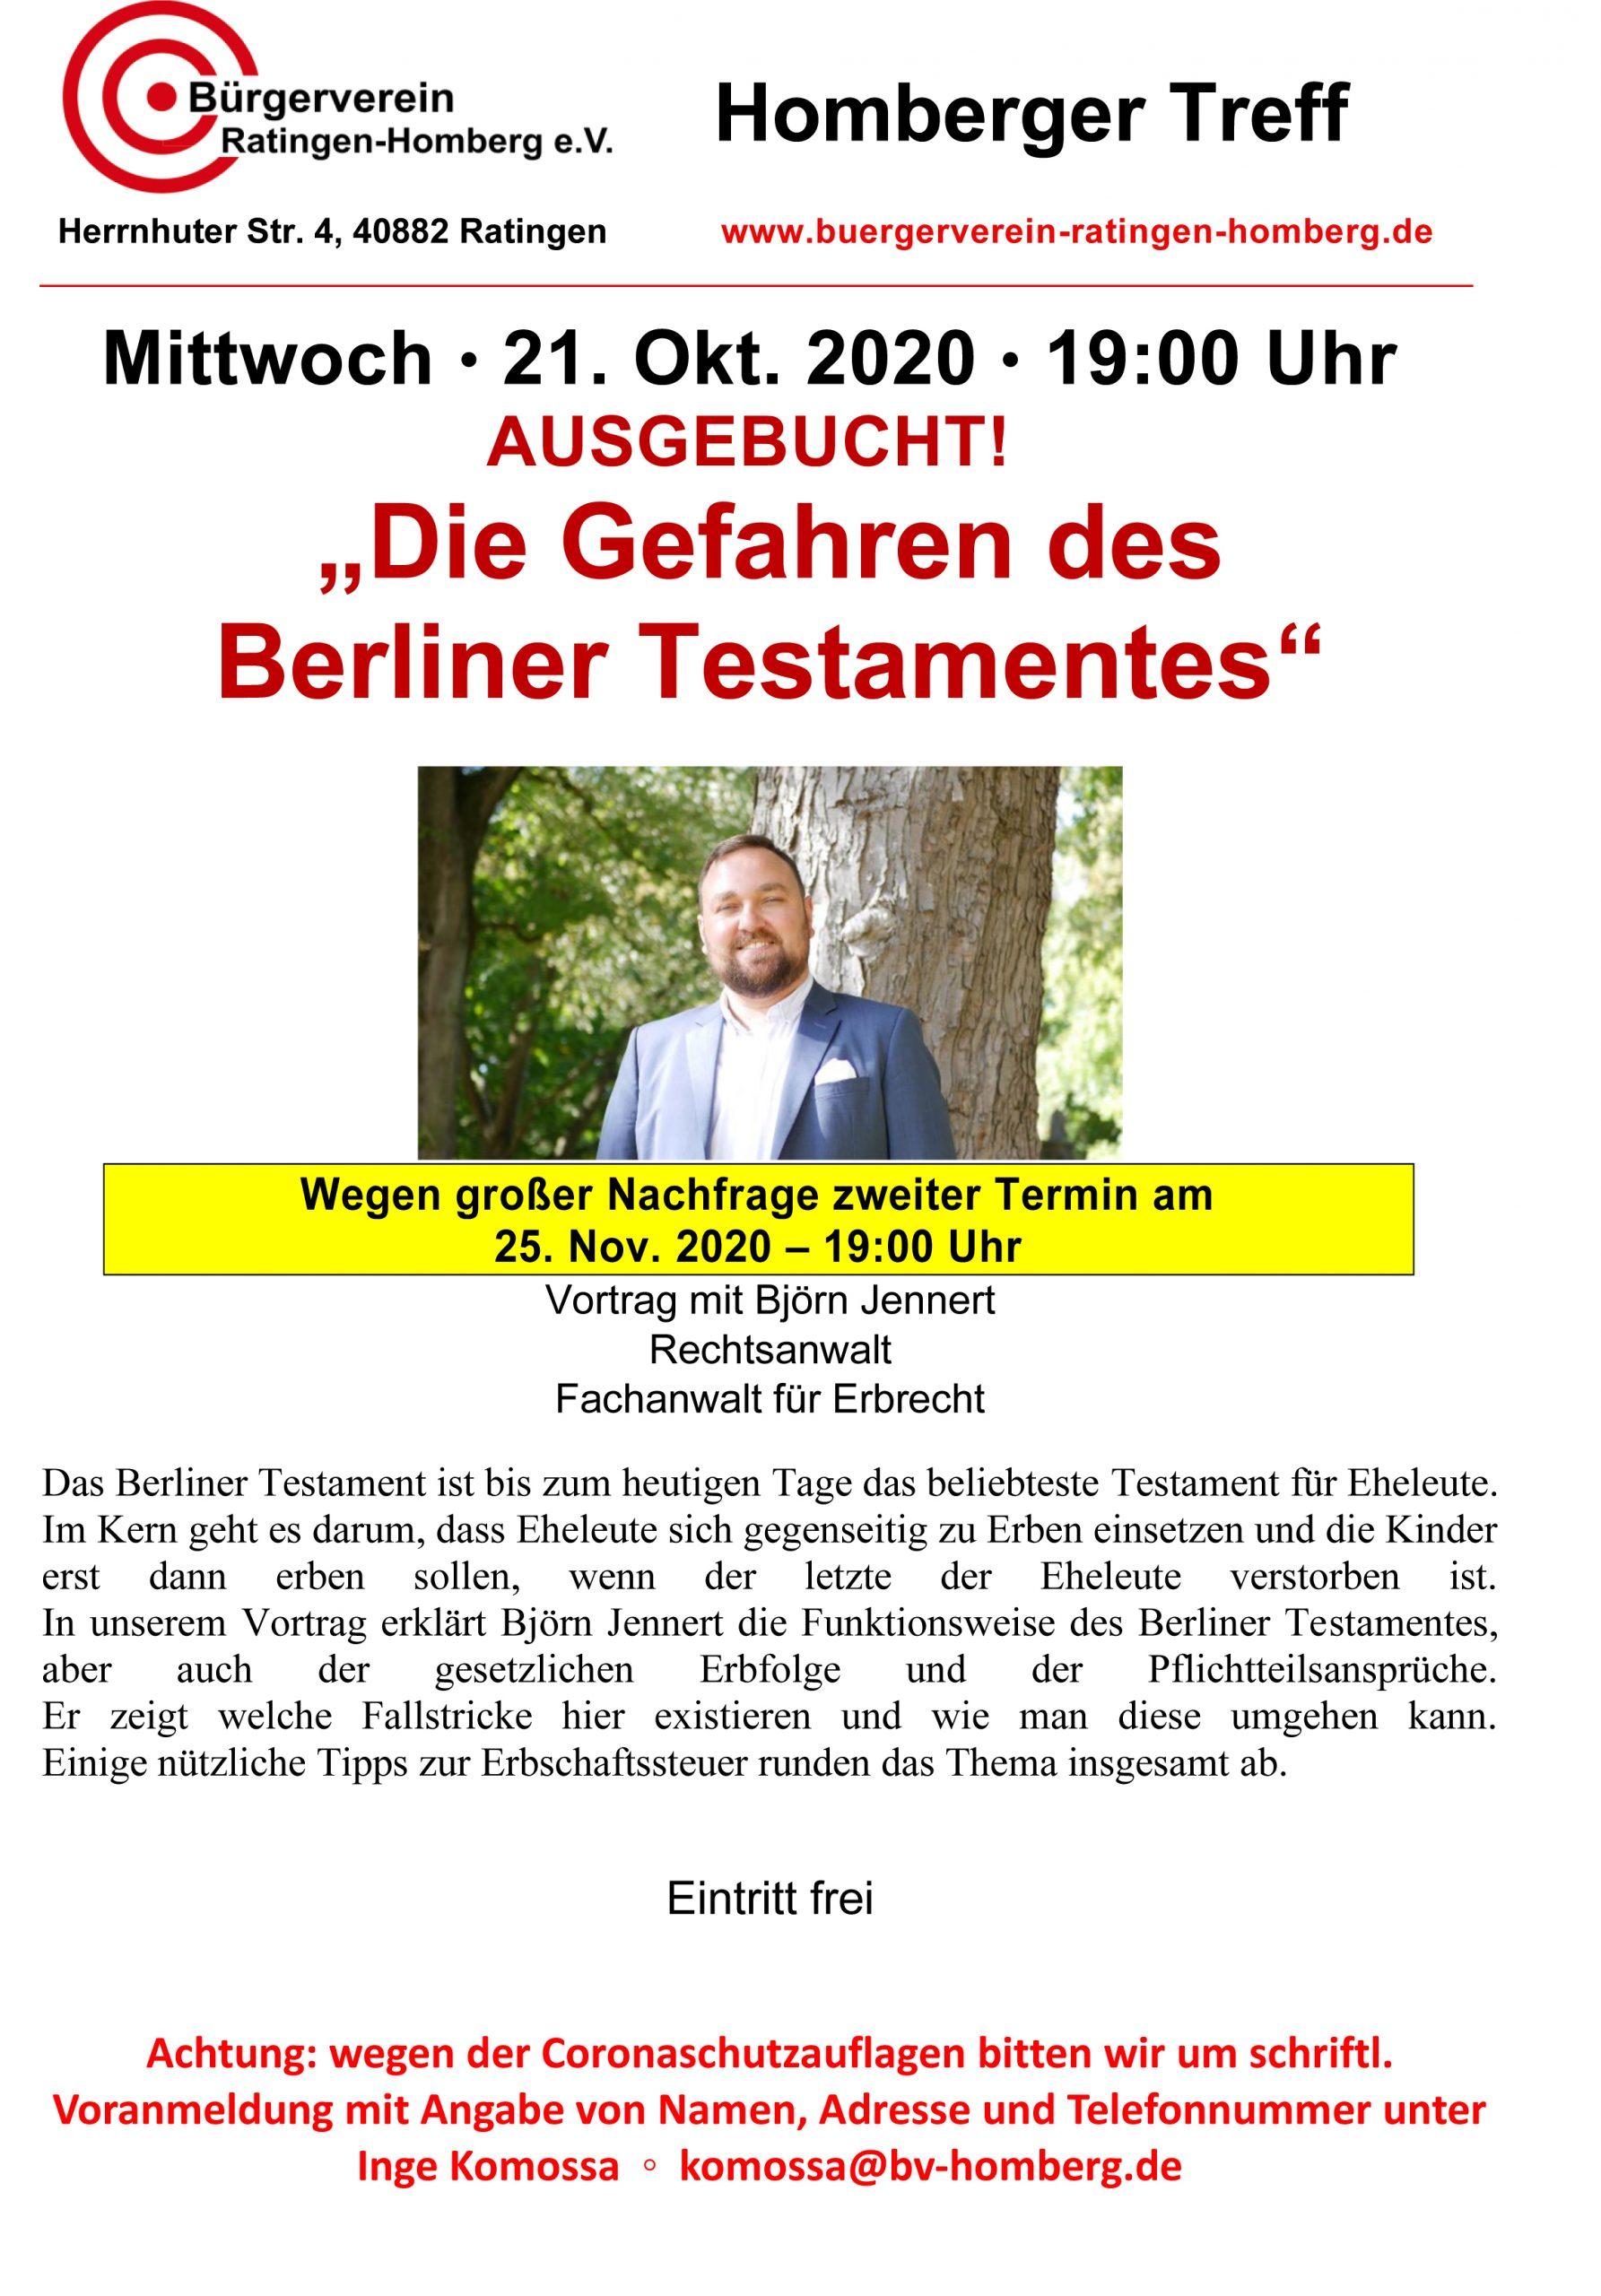 """Vortrag """"Die Gefahren des Berliner Testamentes"""" AUSGEBUCHT"""